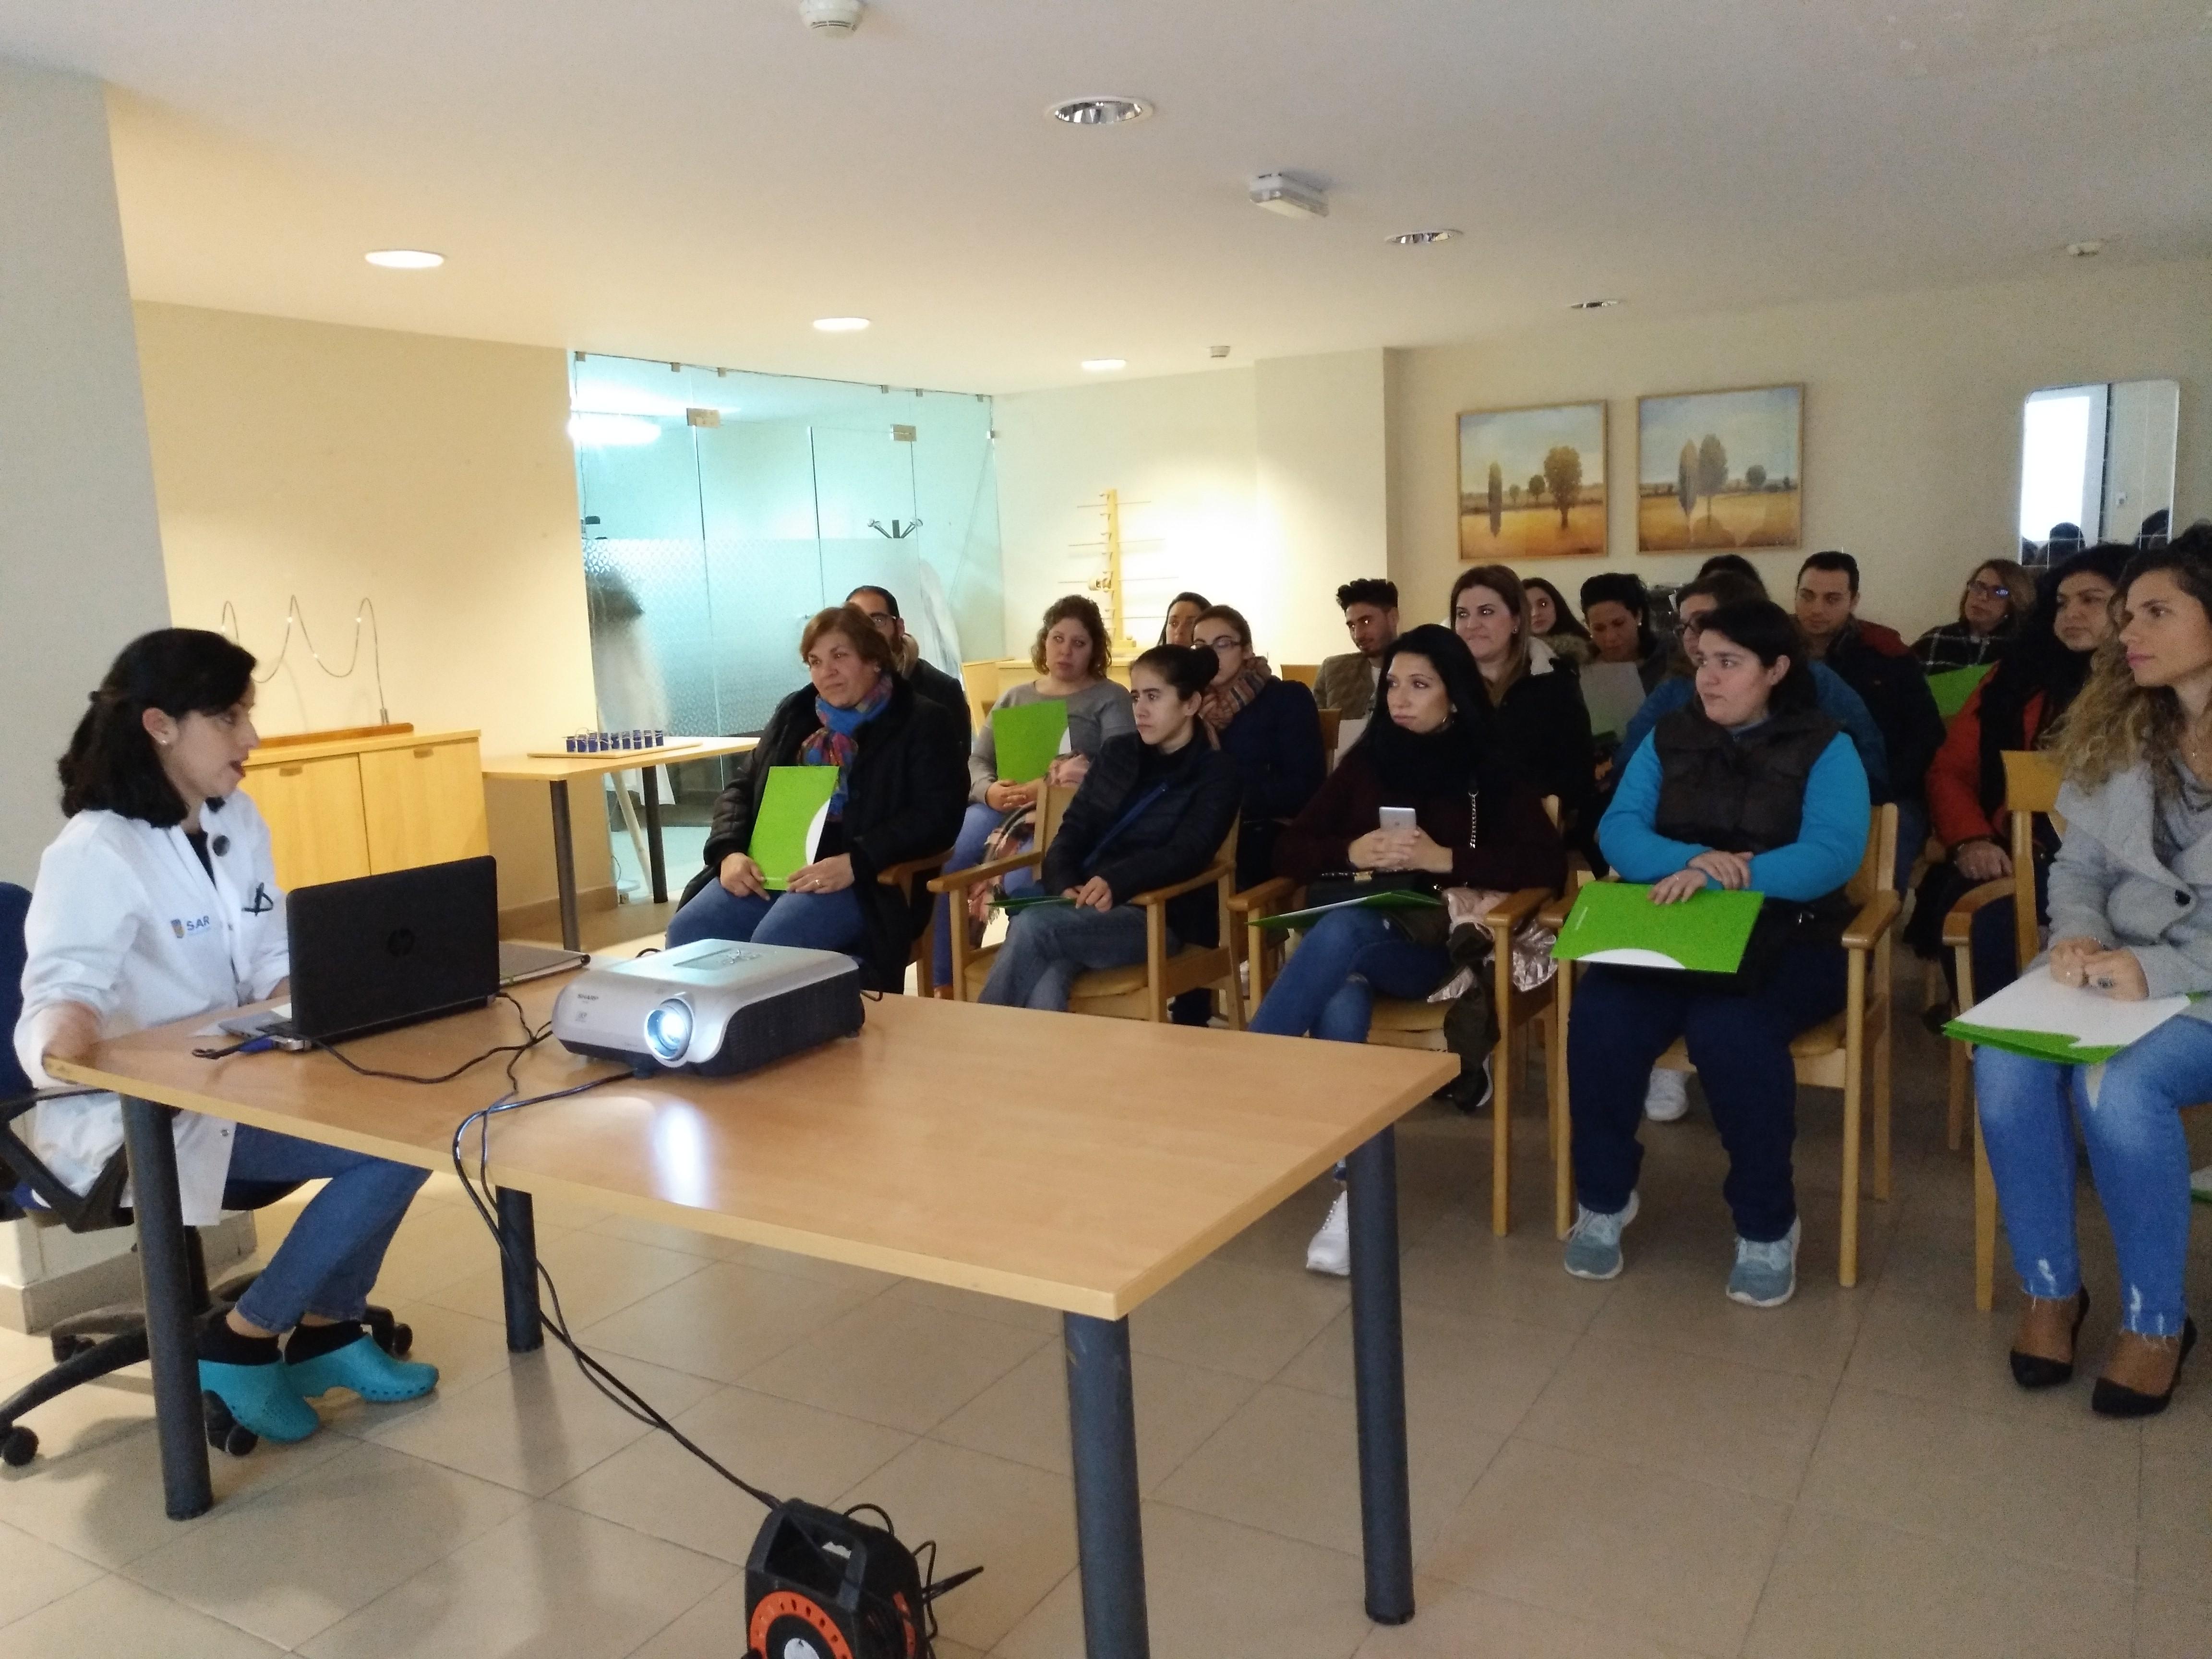 Visita alumnos Cuida2 en Esparragalejo DomusVi Ciudad de Badajoz